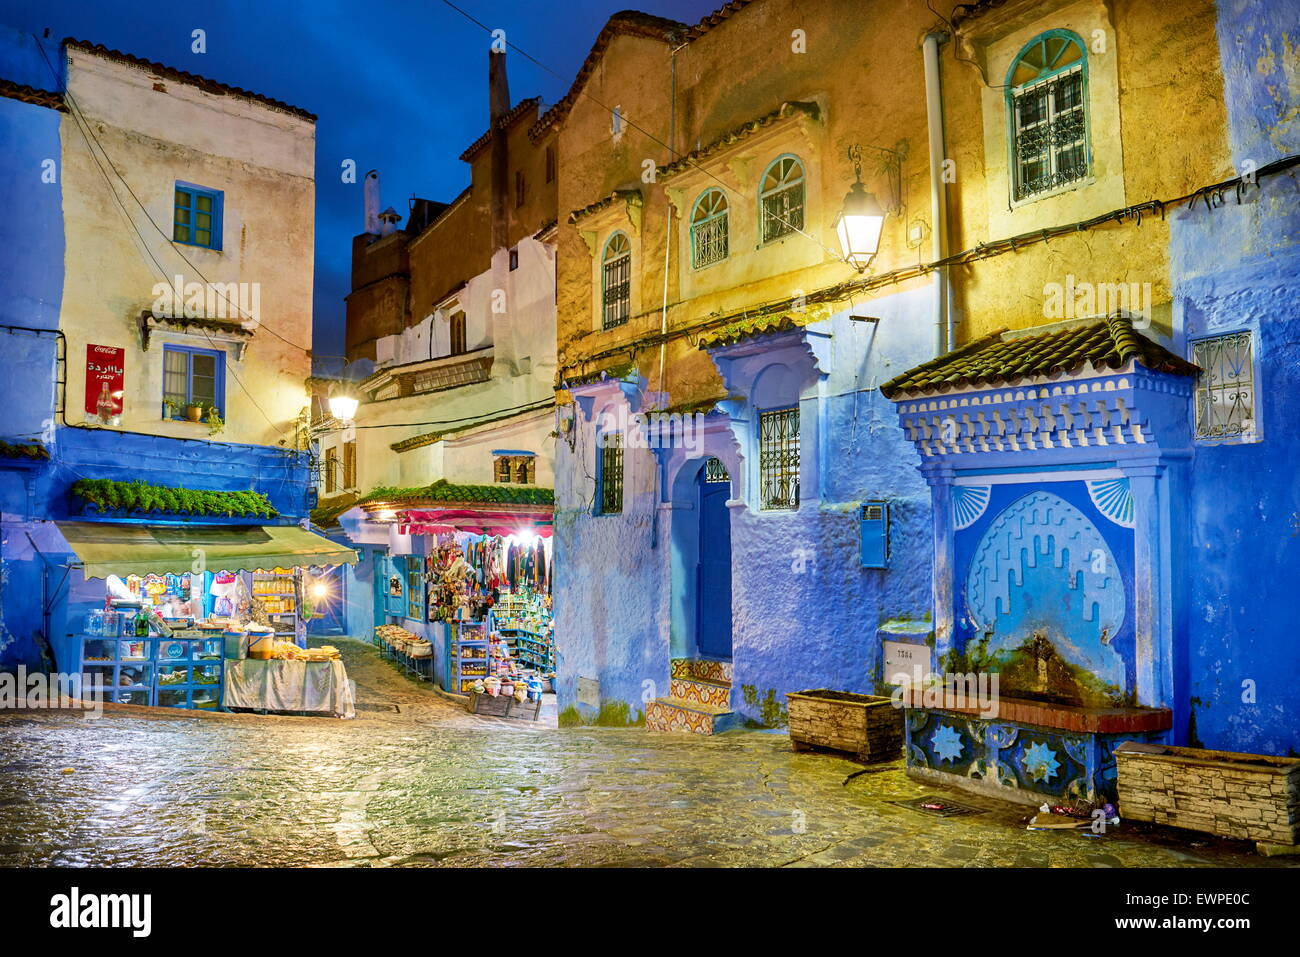 Murs peints en bleu à l'ancienne médina de Chefchaouen, Maroc, Afrique Photo Stock